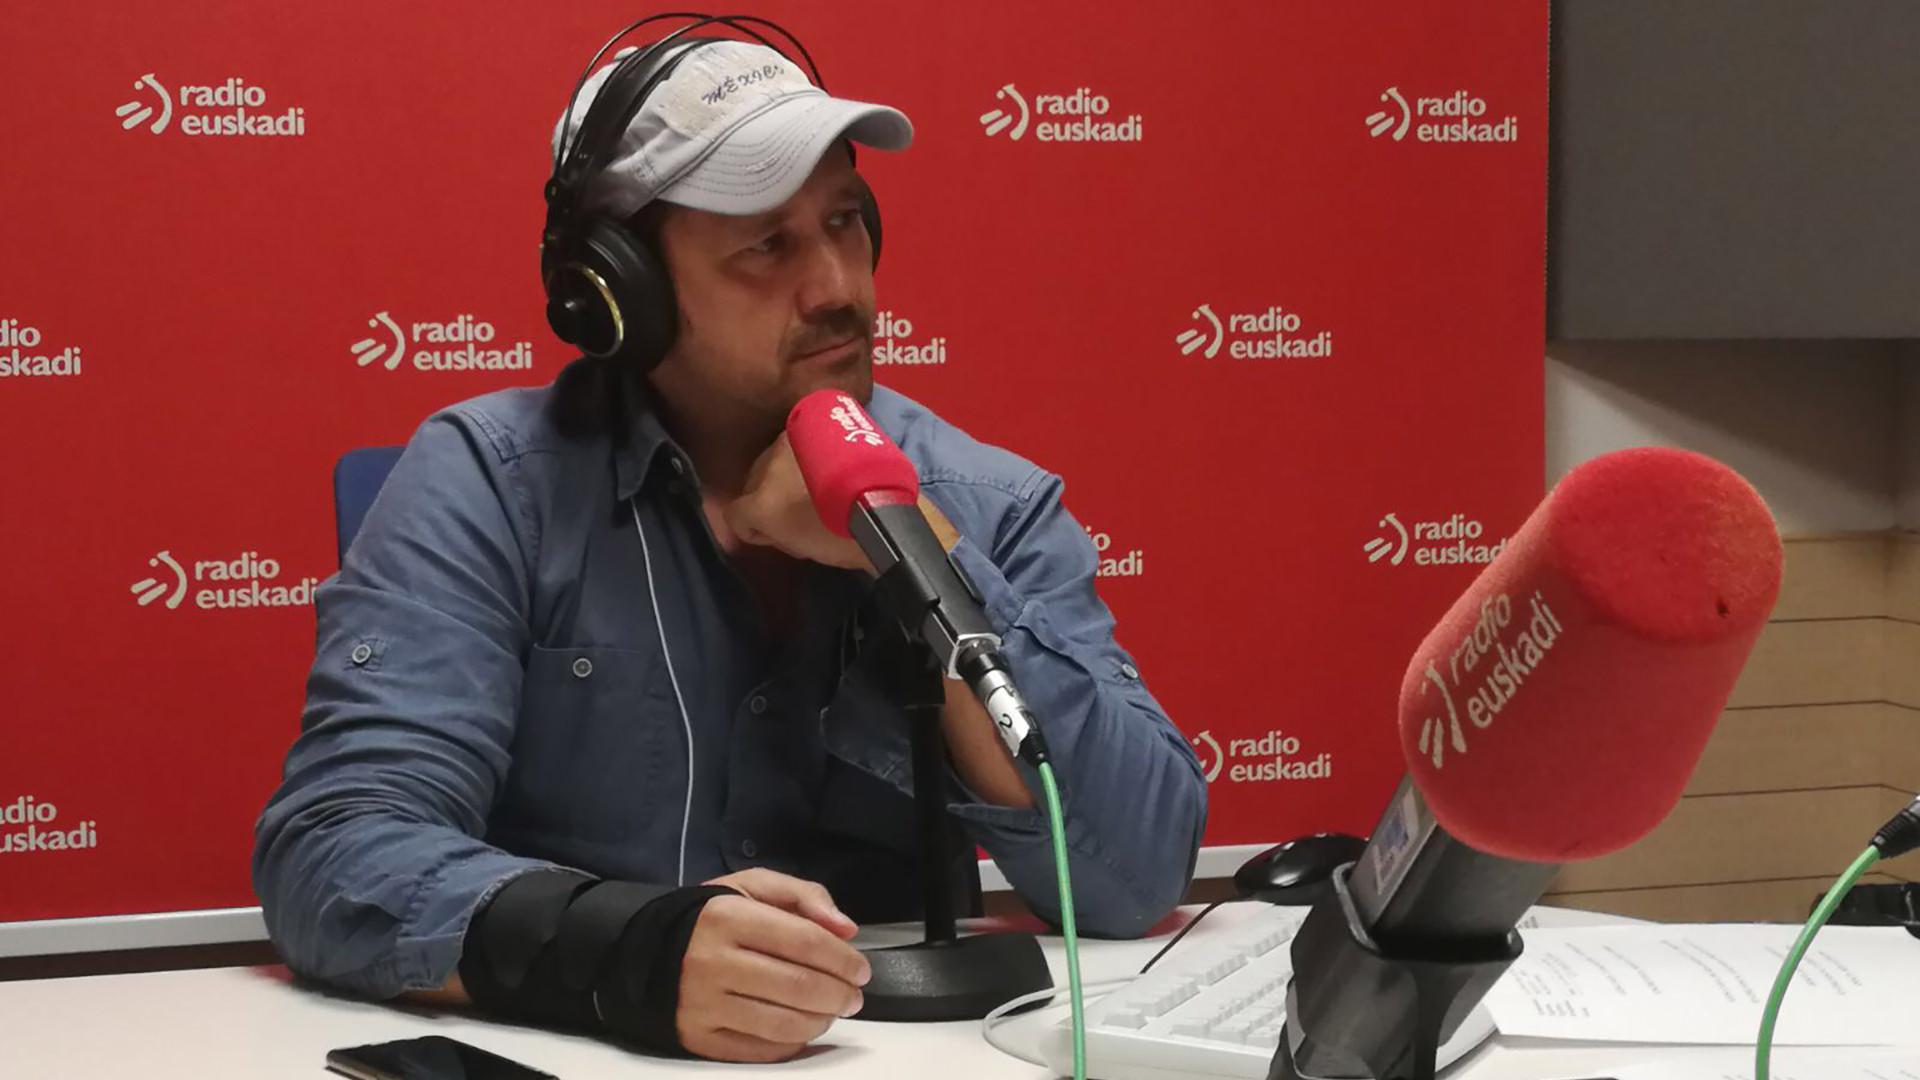 entrevista miguel angel tobias libro renacer andes la casa de la palabra radio euskadi